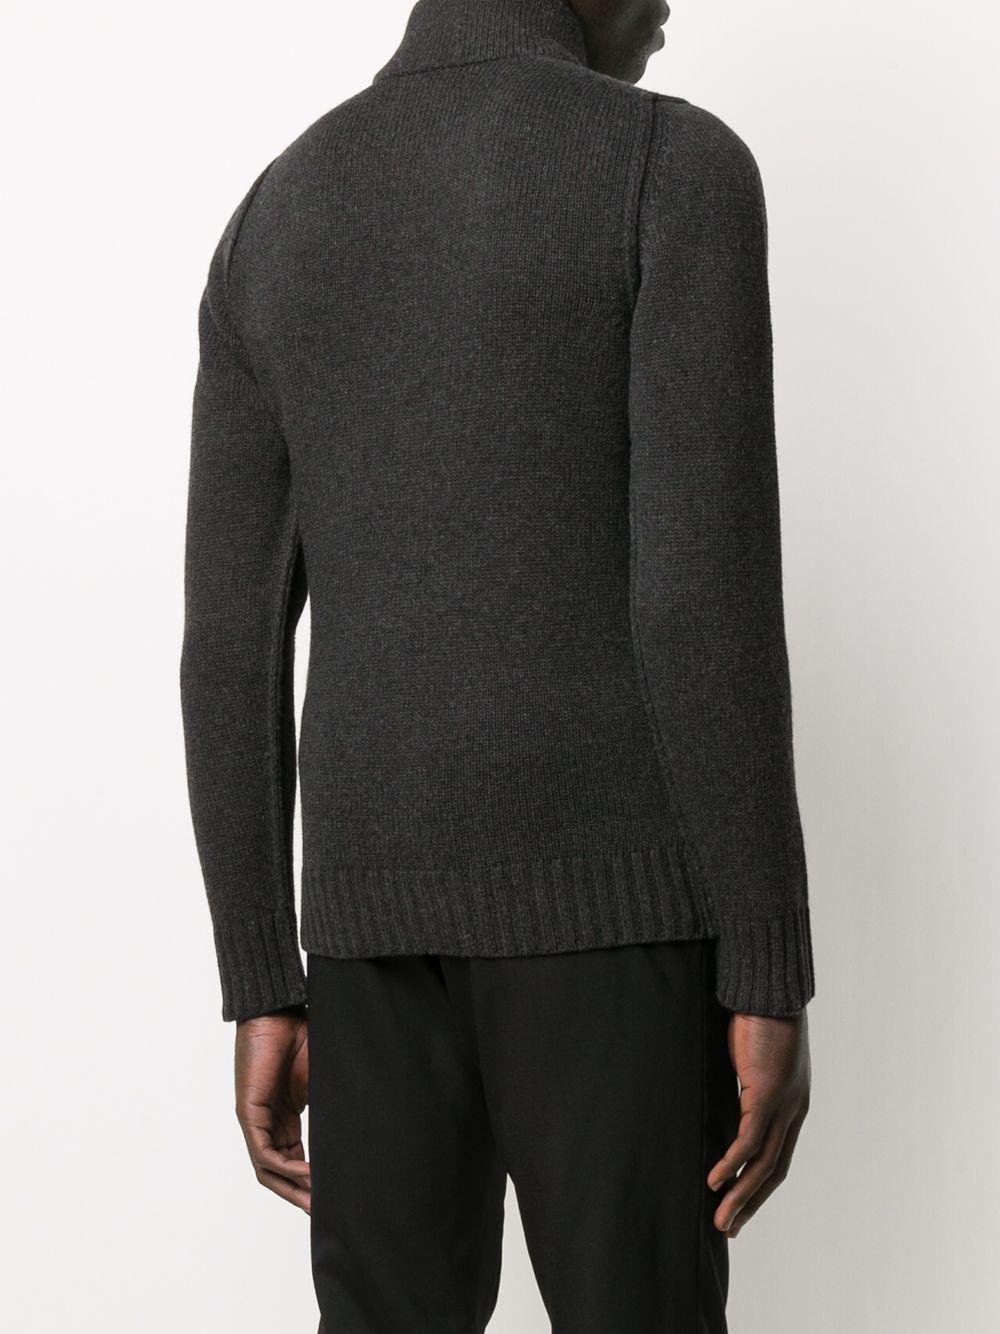 Maglione con zip ricamato in lana grigia con collo alto STONE ISLAND   Cardigan   7315593C7V0M67